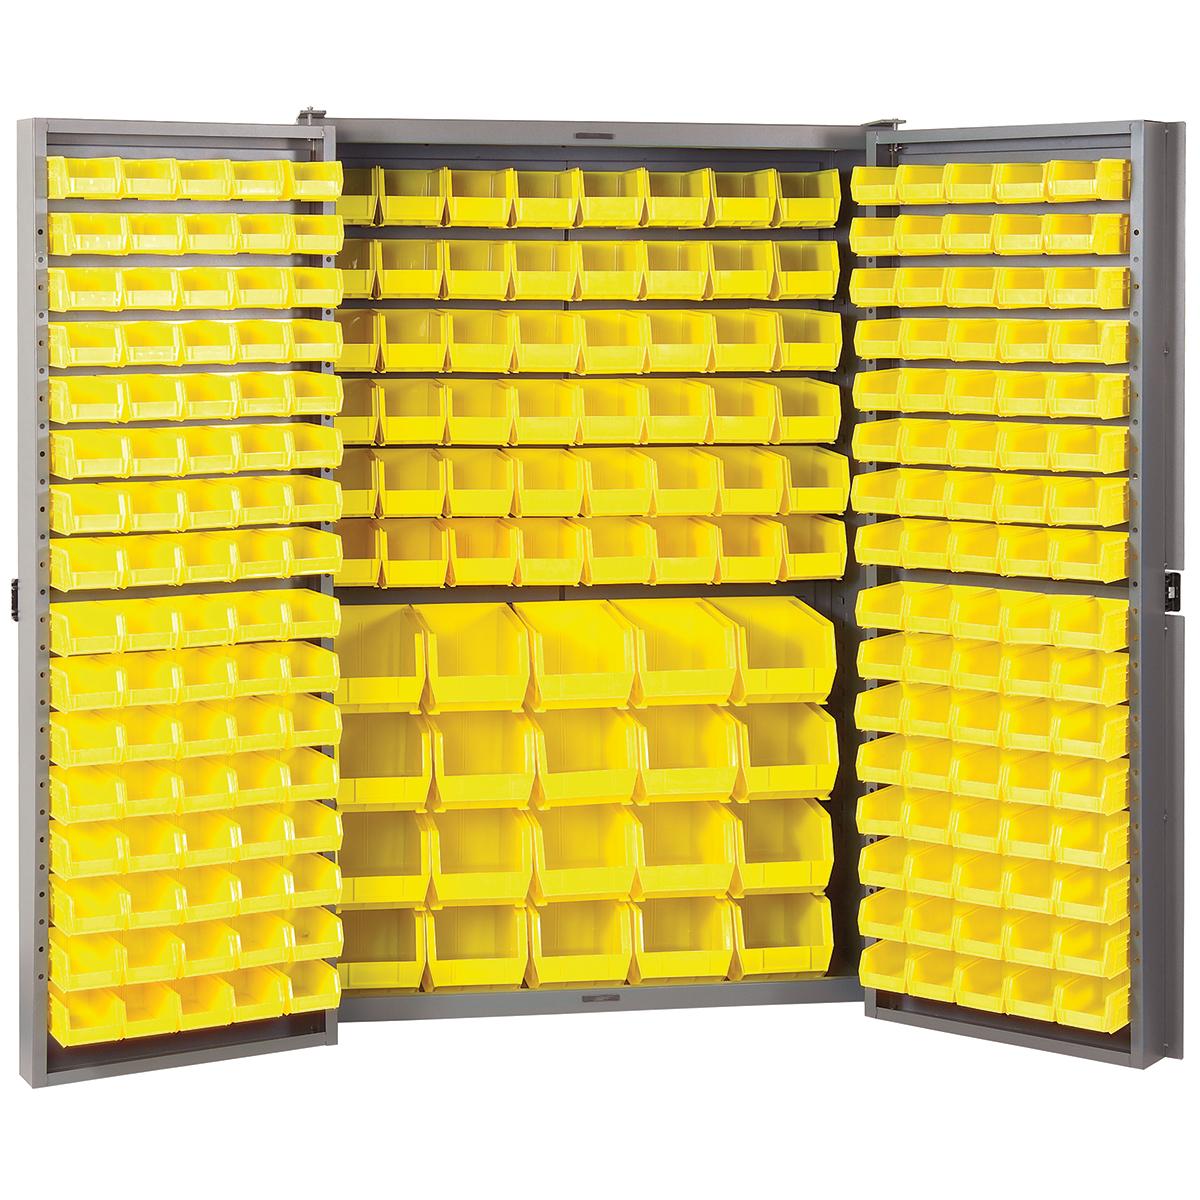 AkroBin Cabinet HD4824F